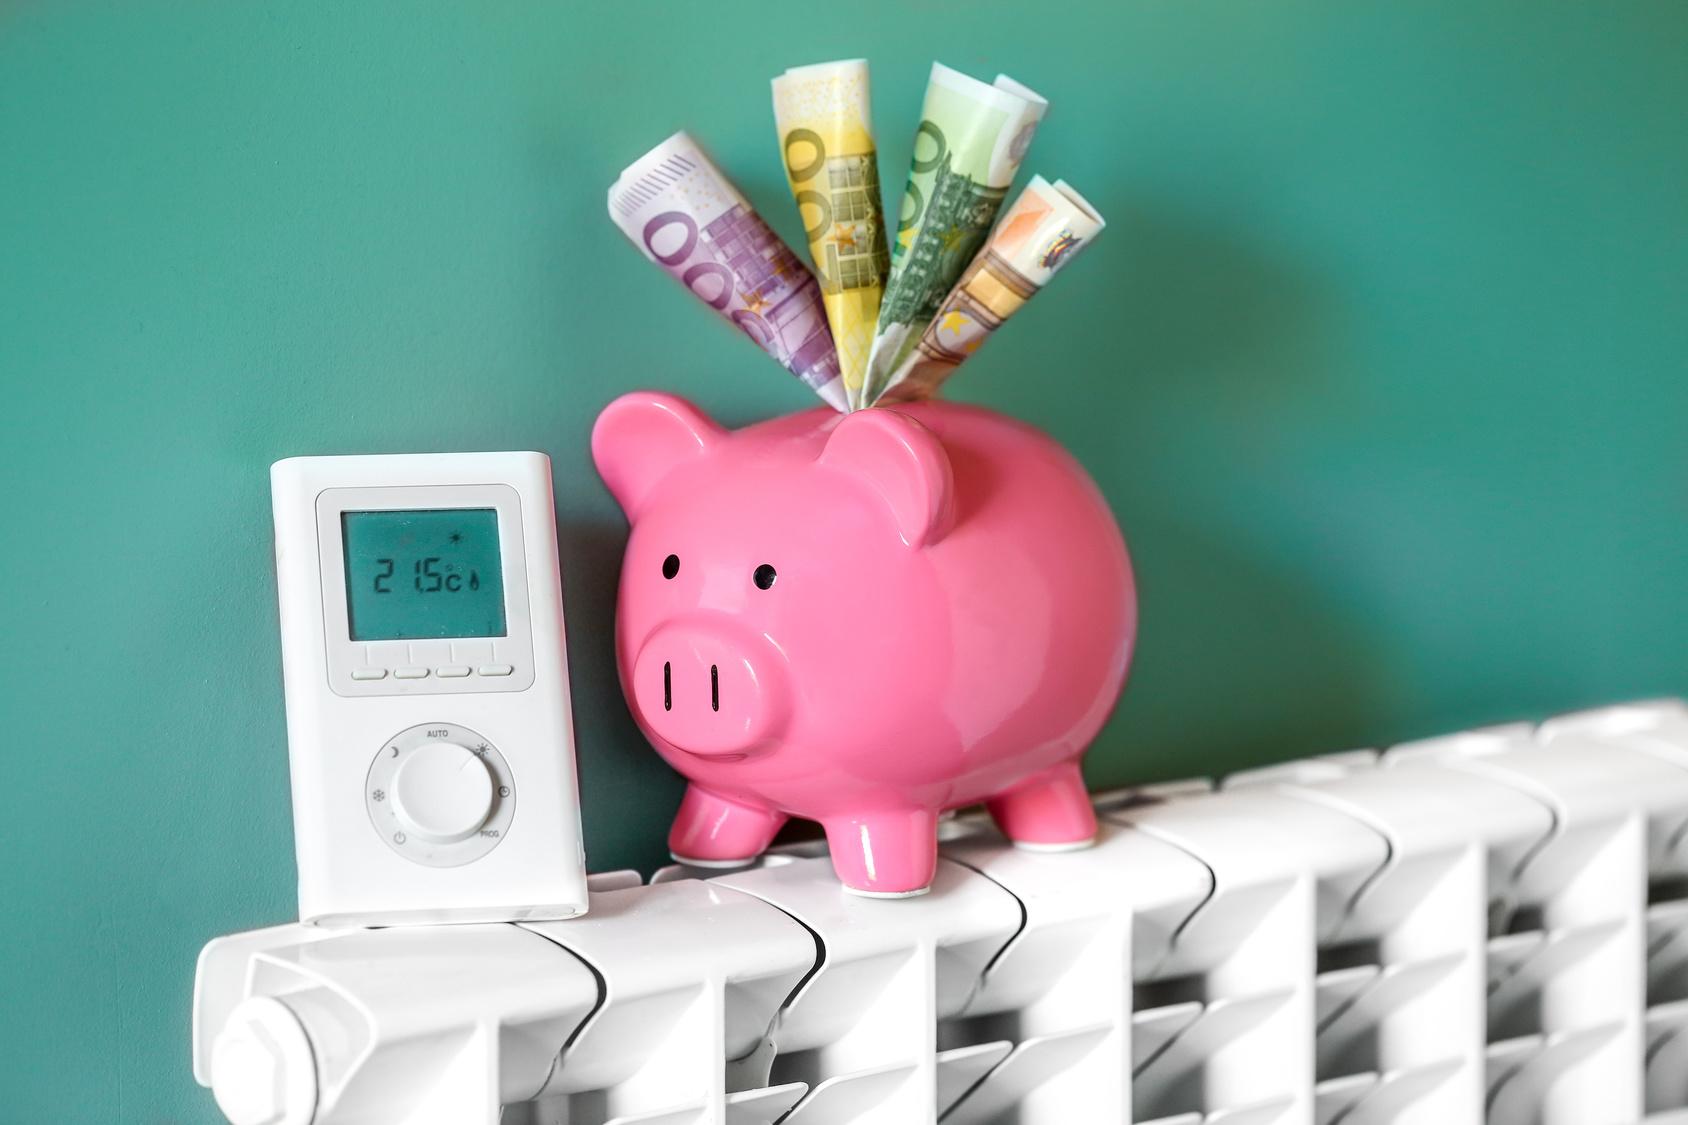 Comment garantir l'individualisation des frais de chauffage